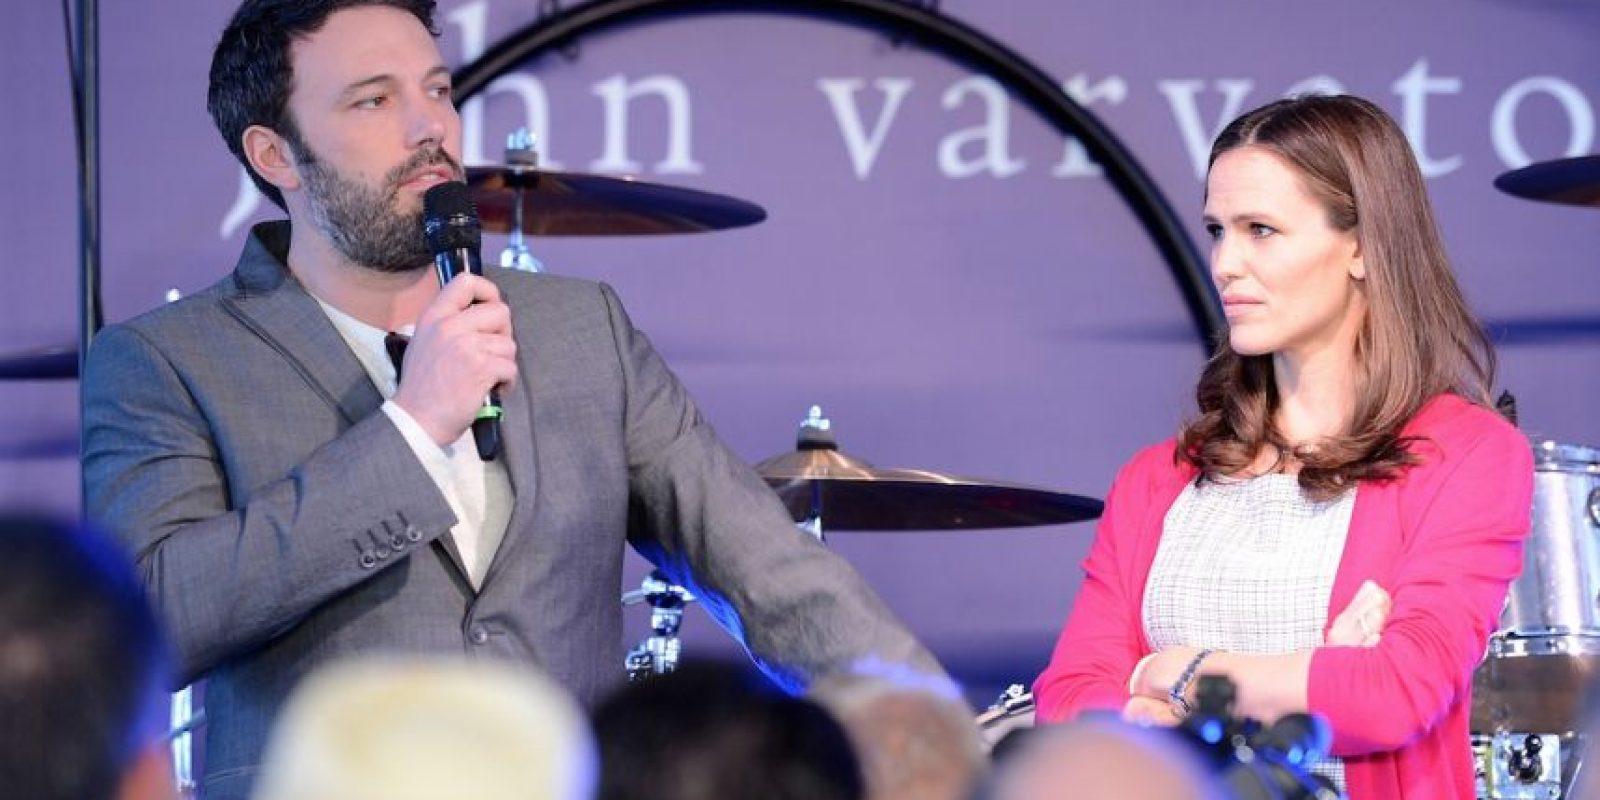 Luego de la gran polémica, los actores no se separaron, ni dejaron de usar sus anillos de matrimonio. Foto:Getty Images